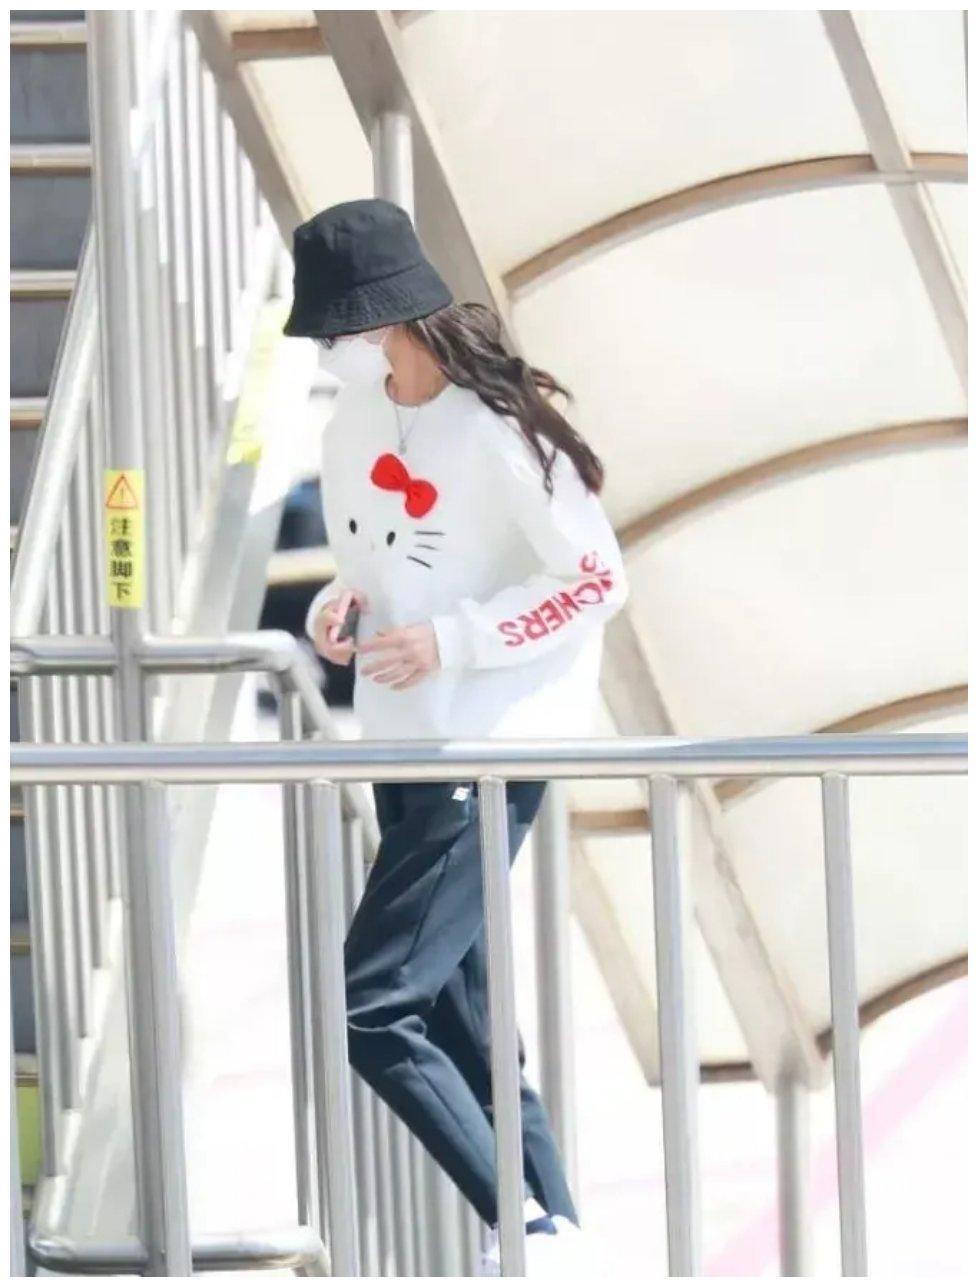 唐嫣穿可爱卫衣亮相于机场,被不少人称她当妈后仍旧具有少女心。